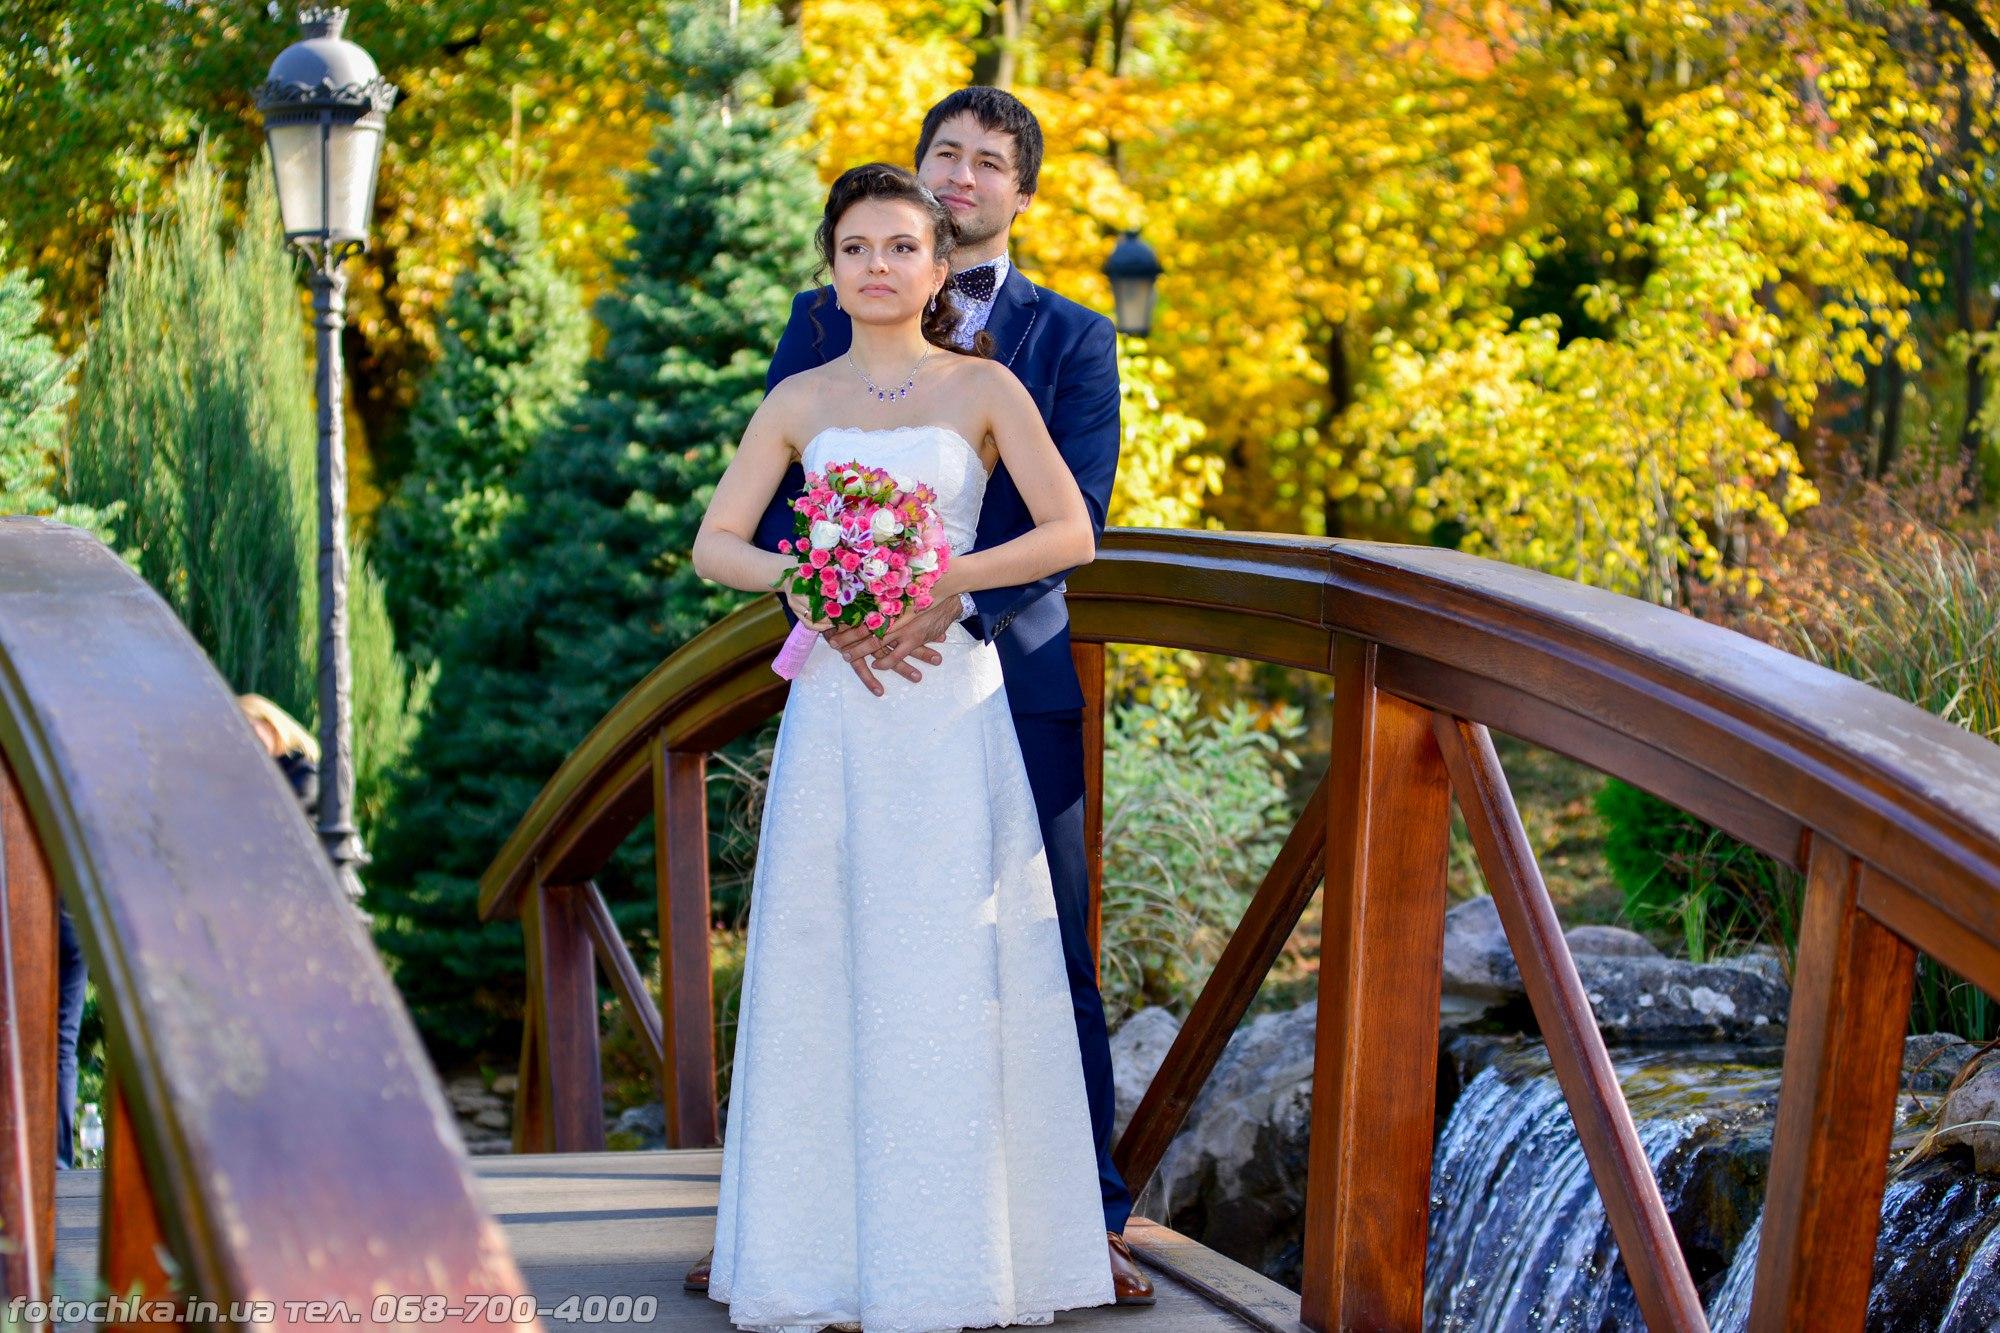 P0j4vk4Xrs - Безопасная покупка свадебного платья в онлайн-магазине